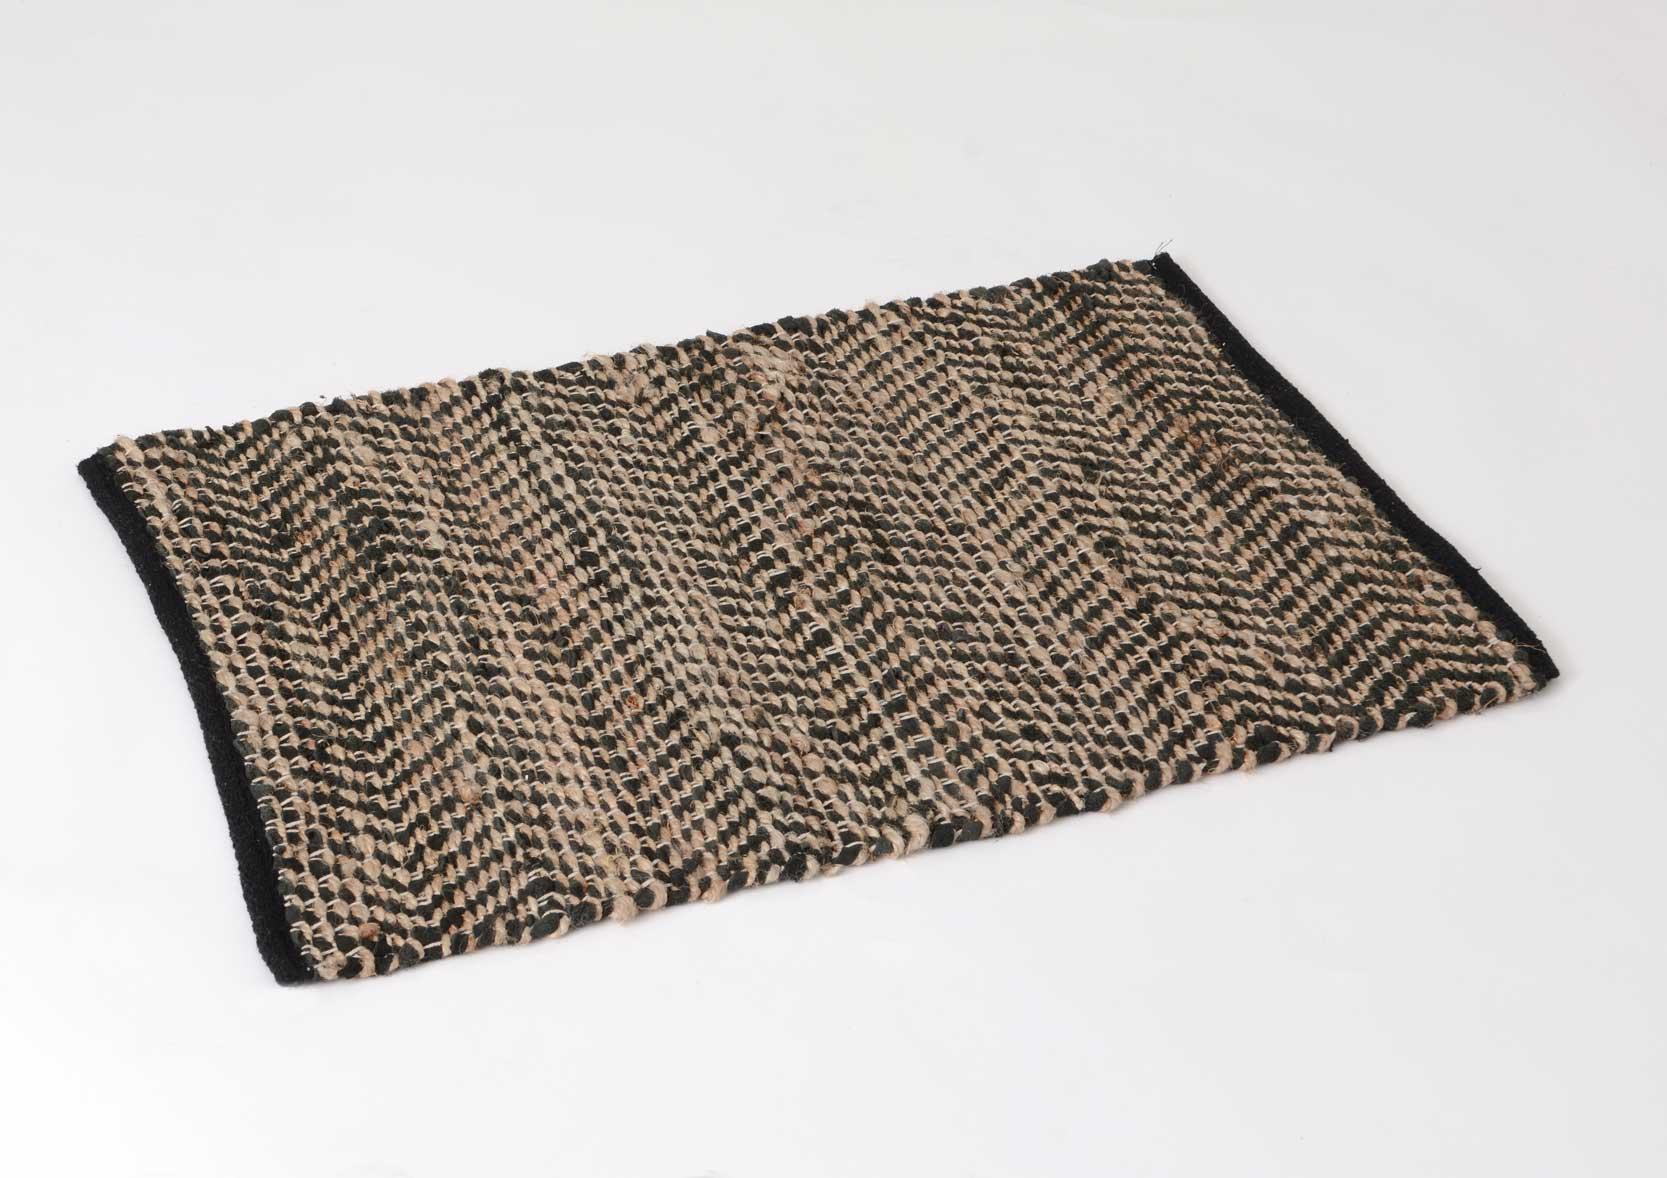 tapis inspiration orientale tisse coton et jute noirs et naturels 120x180cm